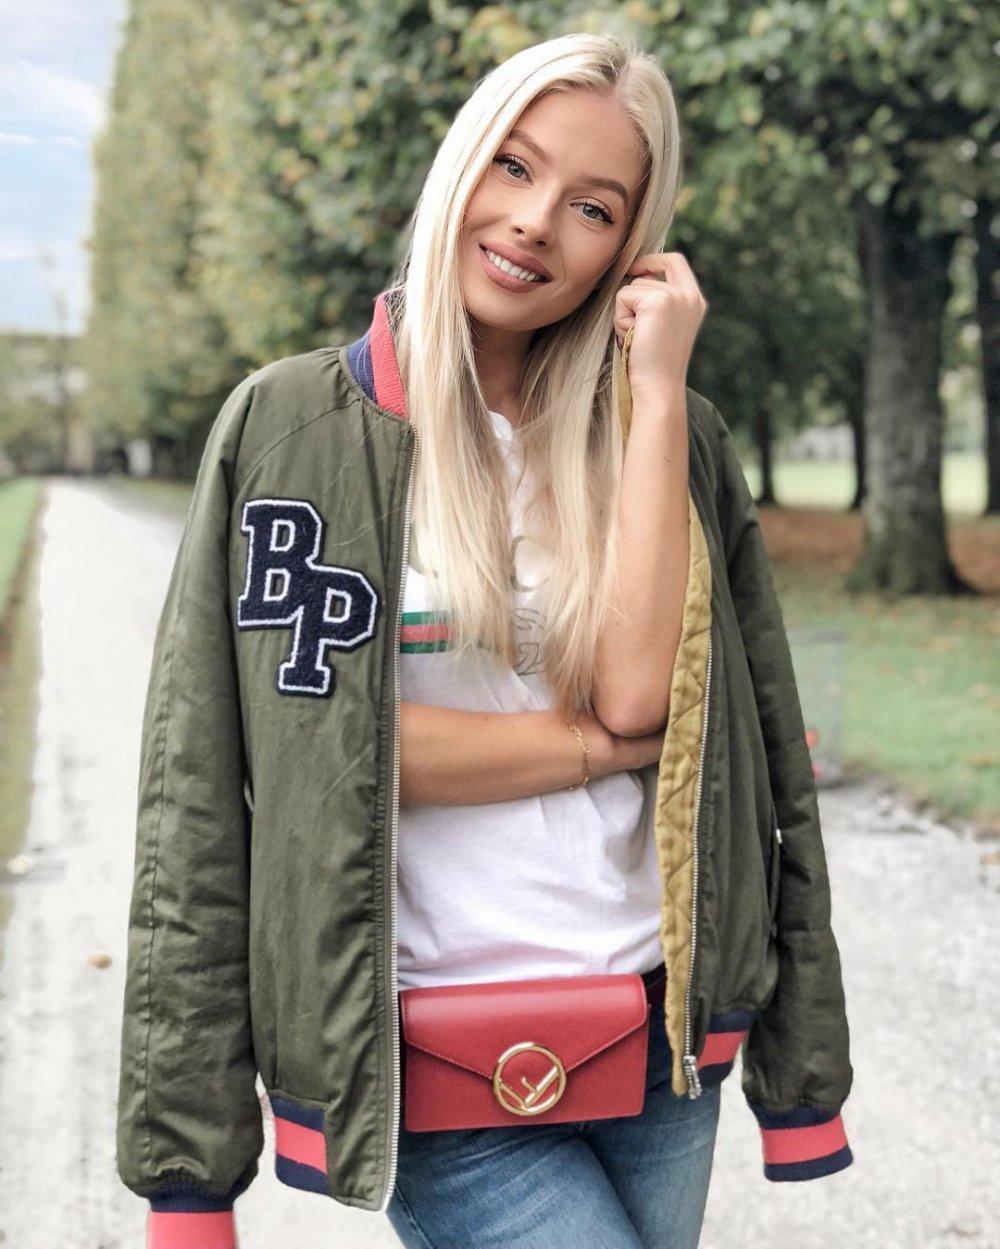 Malene Pedersen kimdir? Malene Pedersen fotoğrafları...